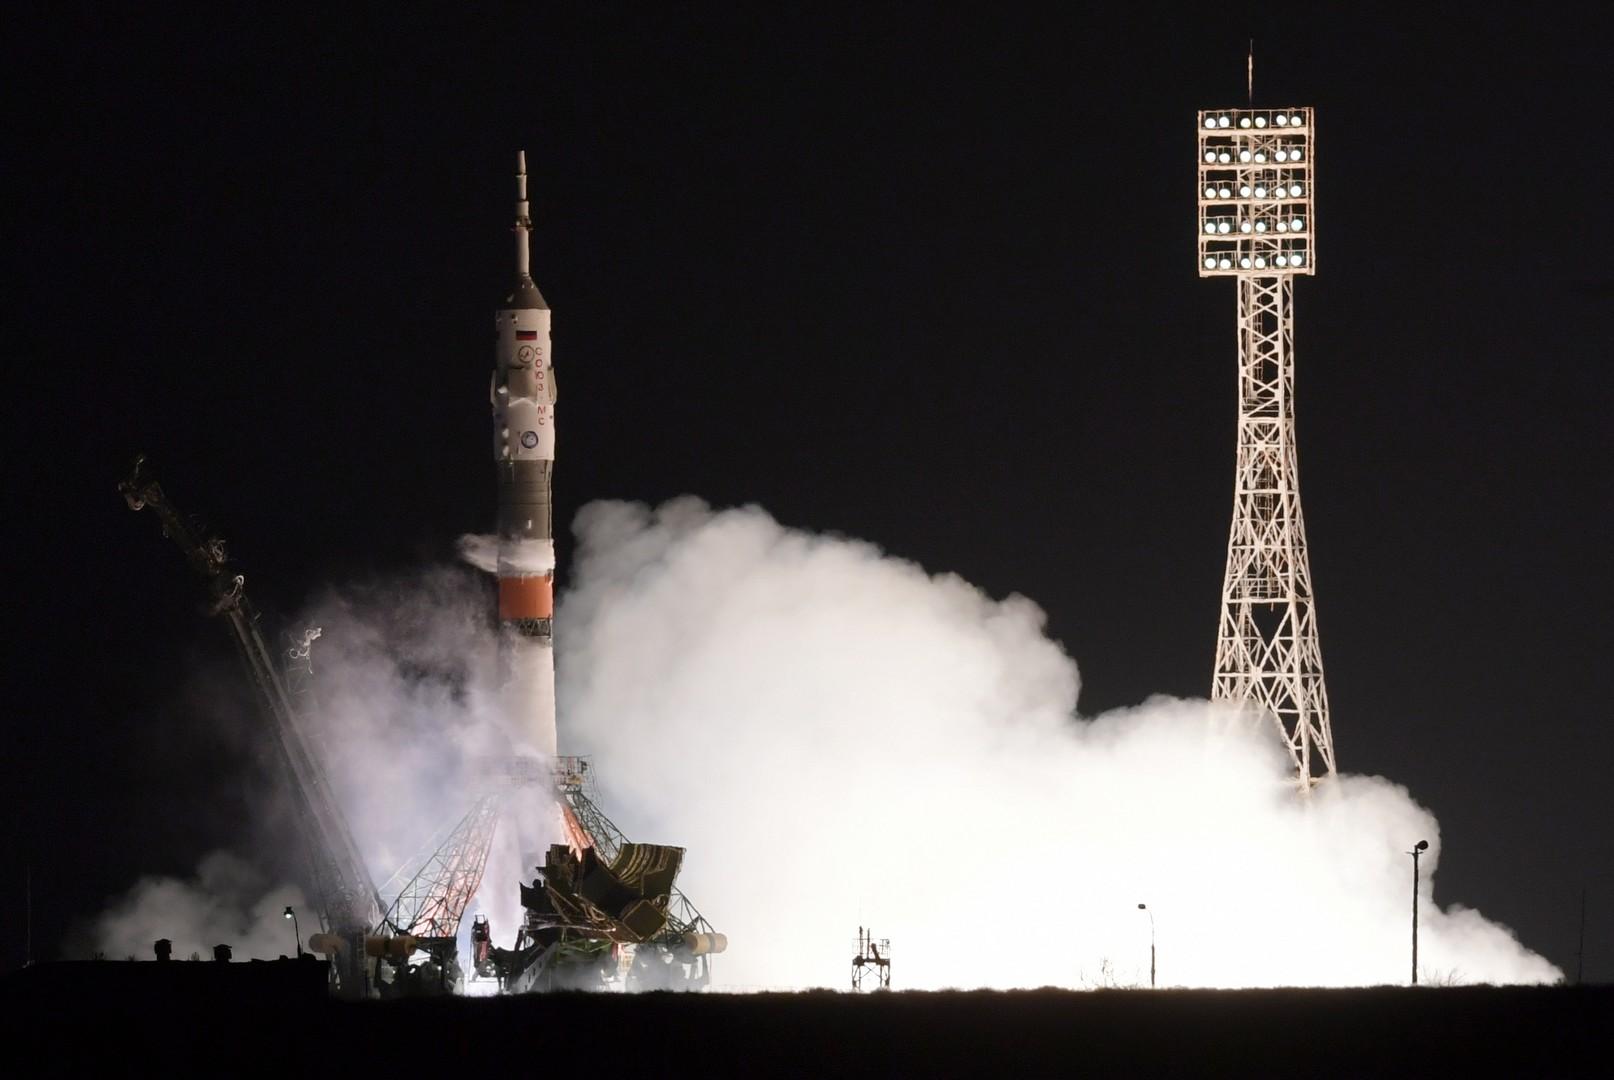 Достичь прогресса: как сократить число аварий ракет-носителей в России